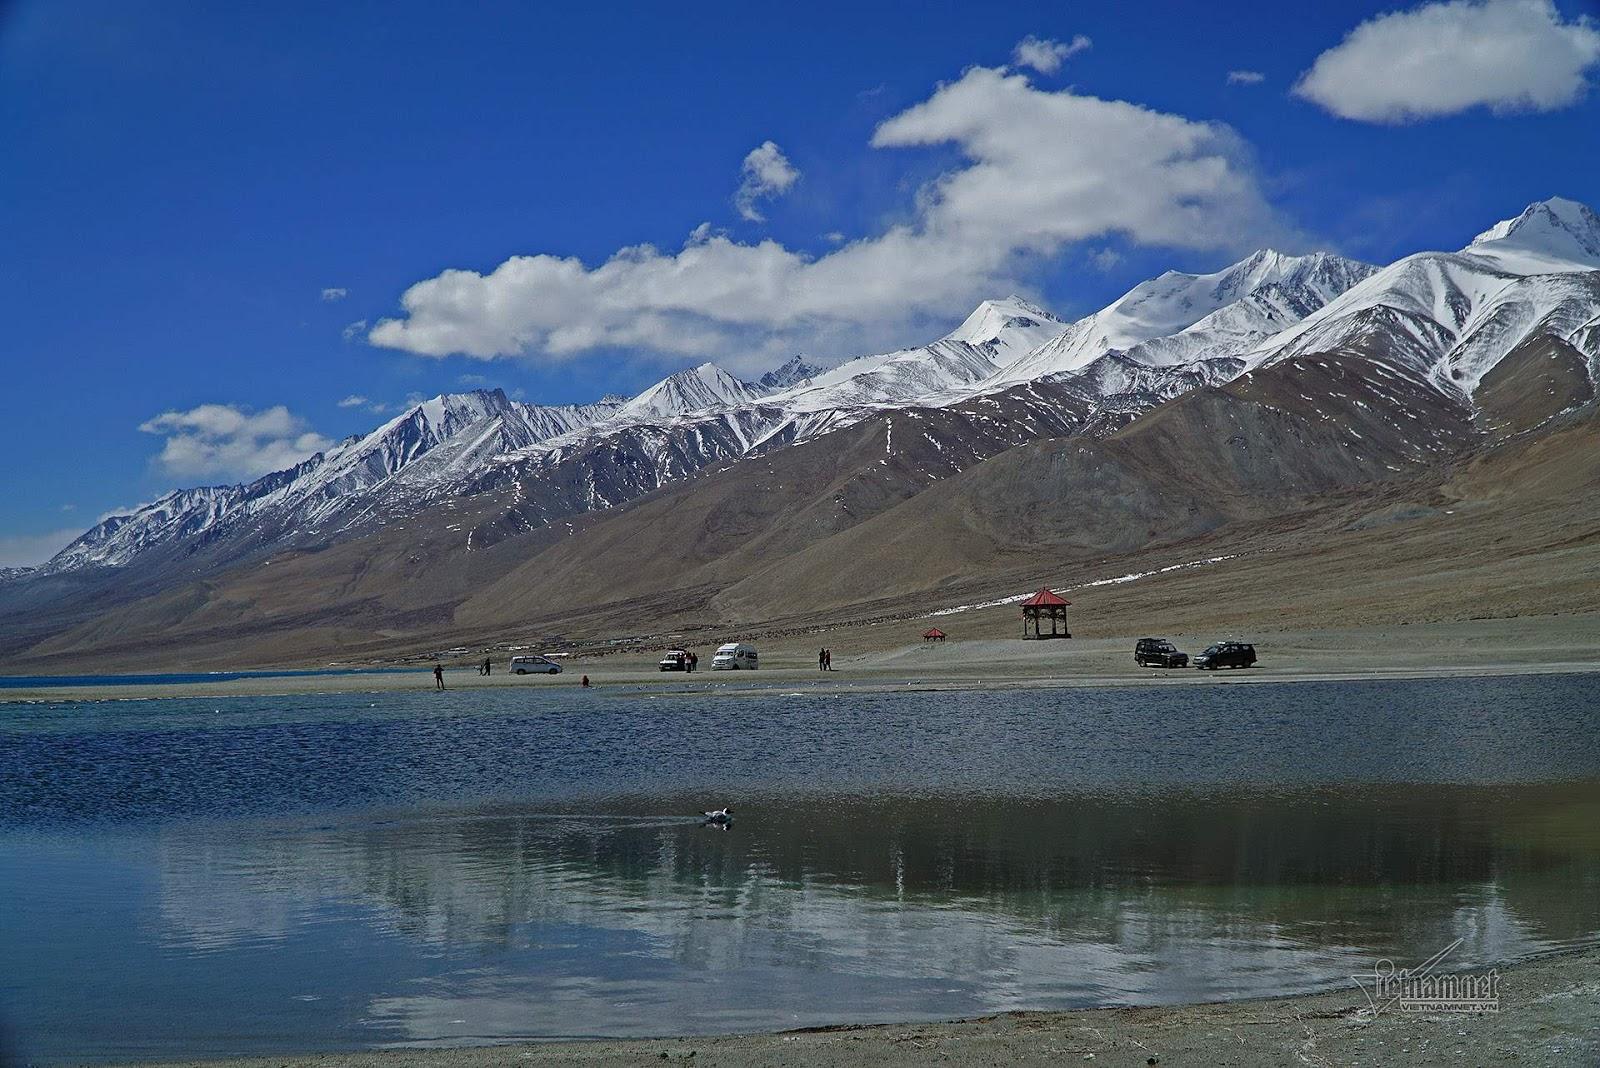 Khám phá vẻ đẹp huyền bí hồ Pangong - Ảnh 13